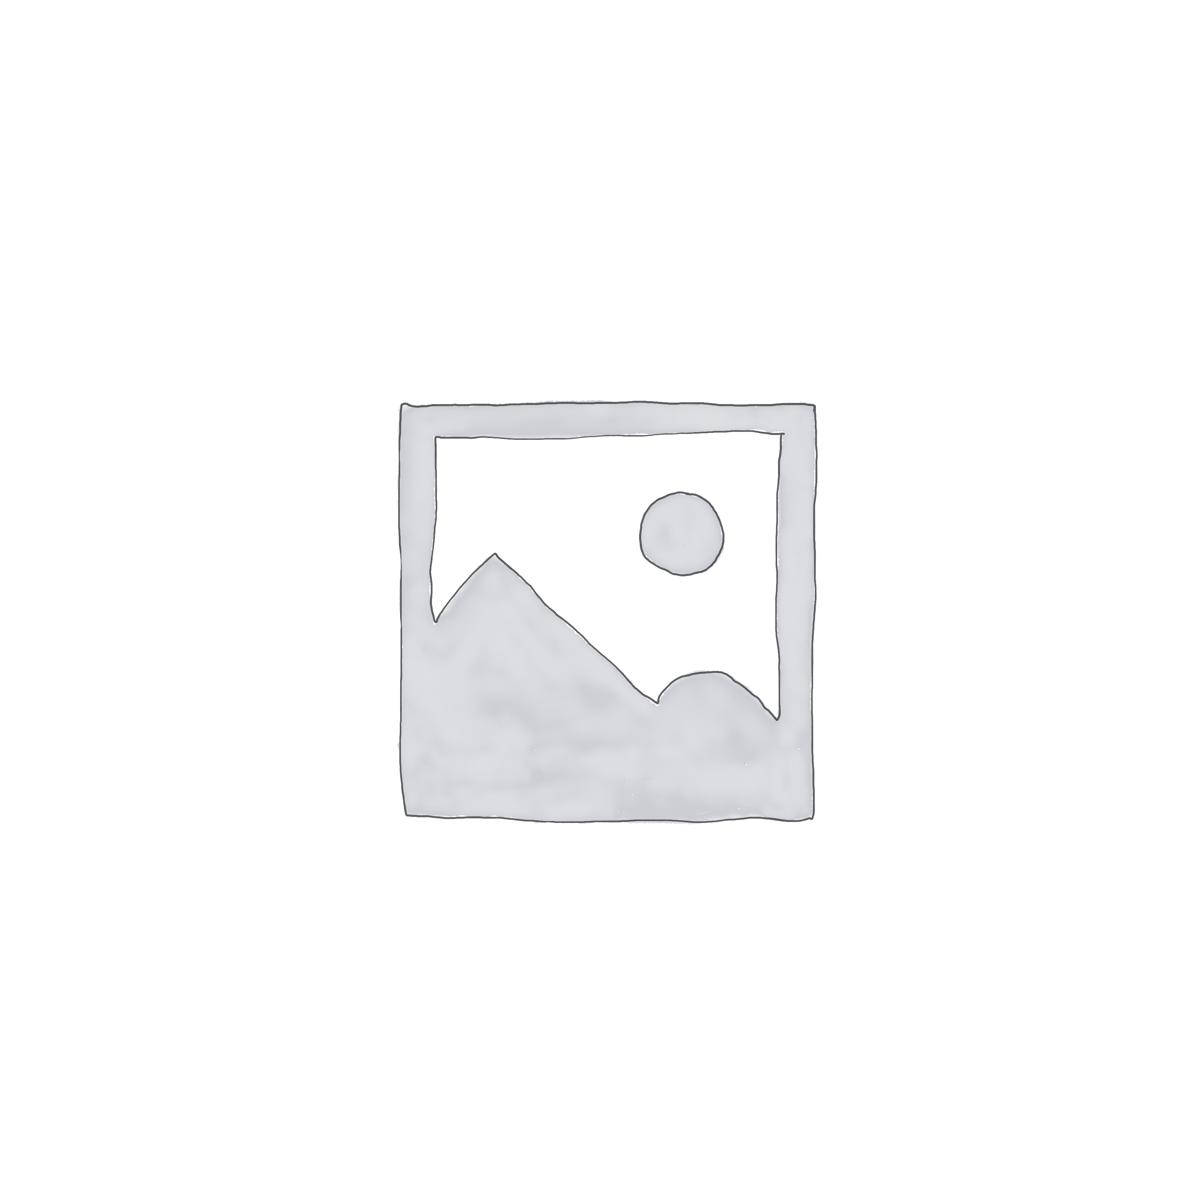 Ballerina Girl and Pink Roses Wallpaper Mural